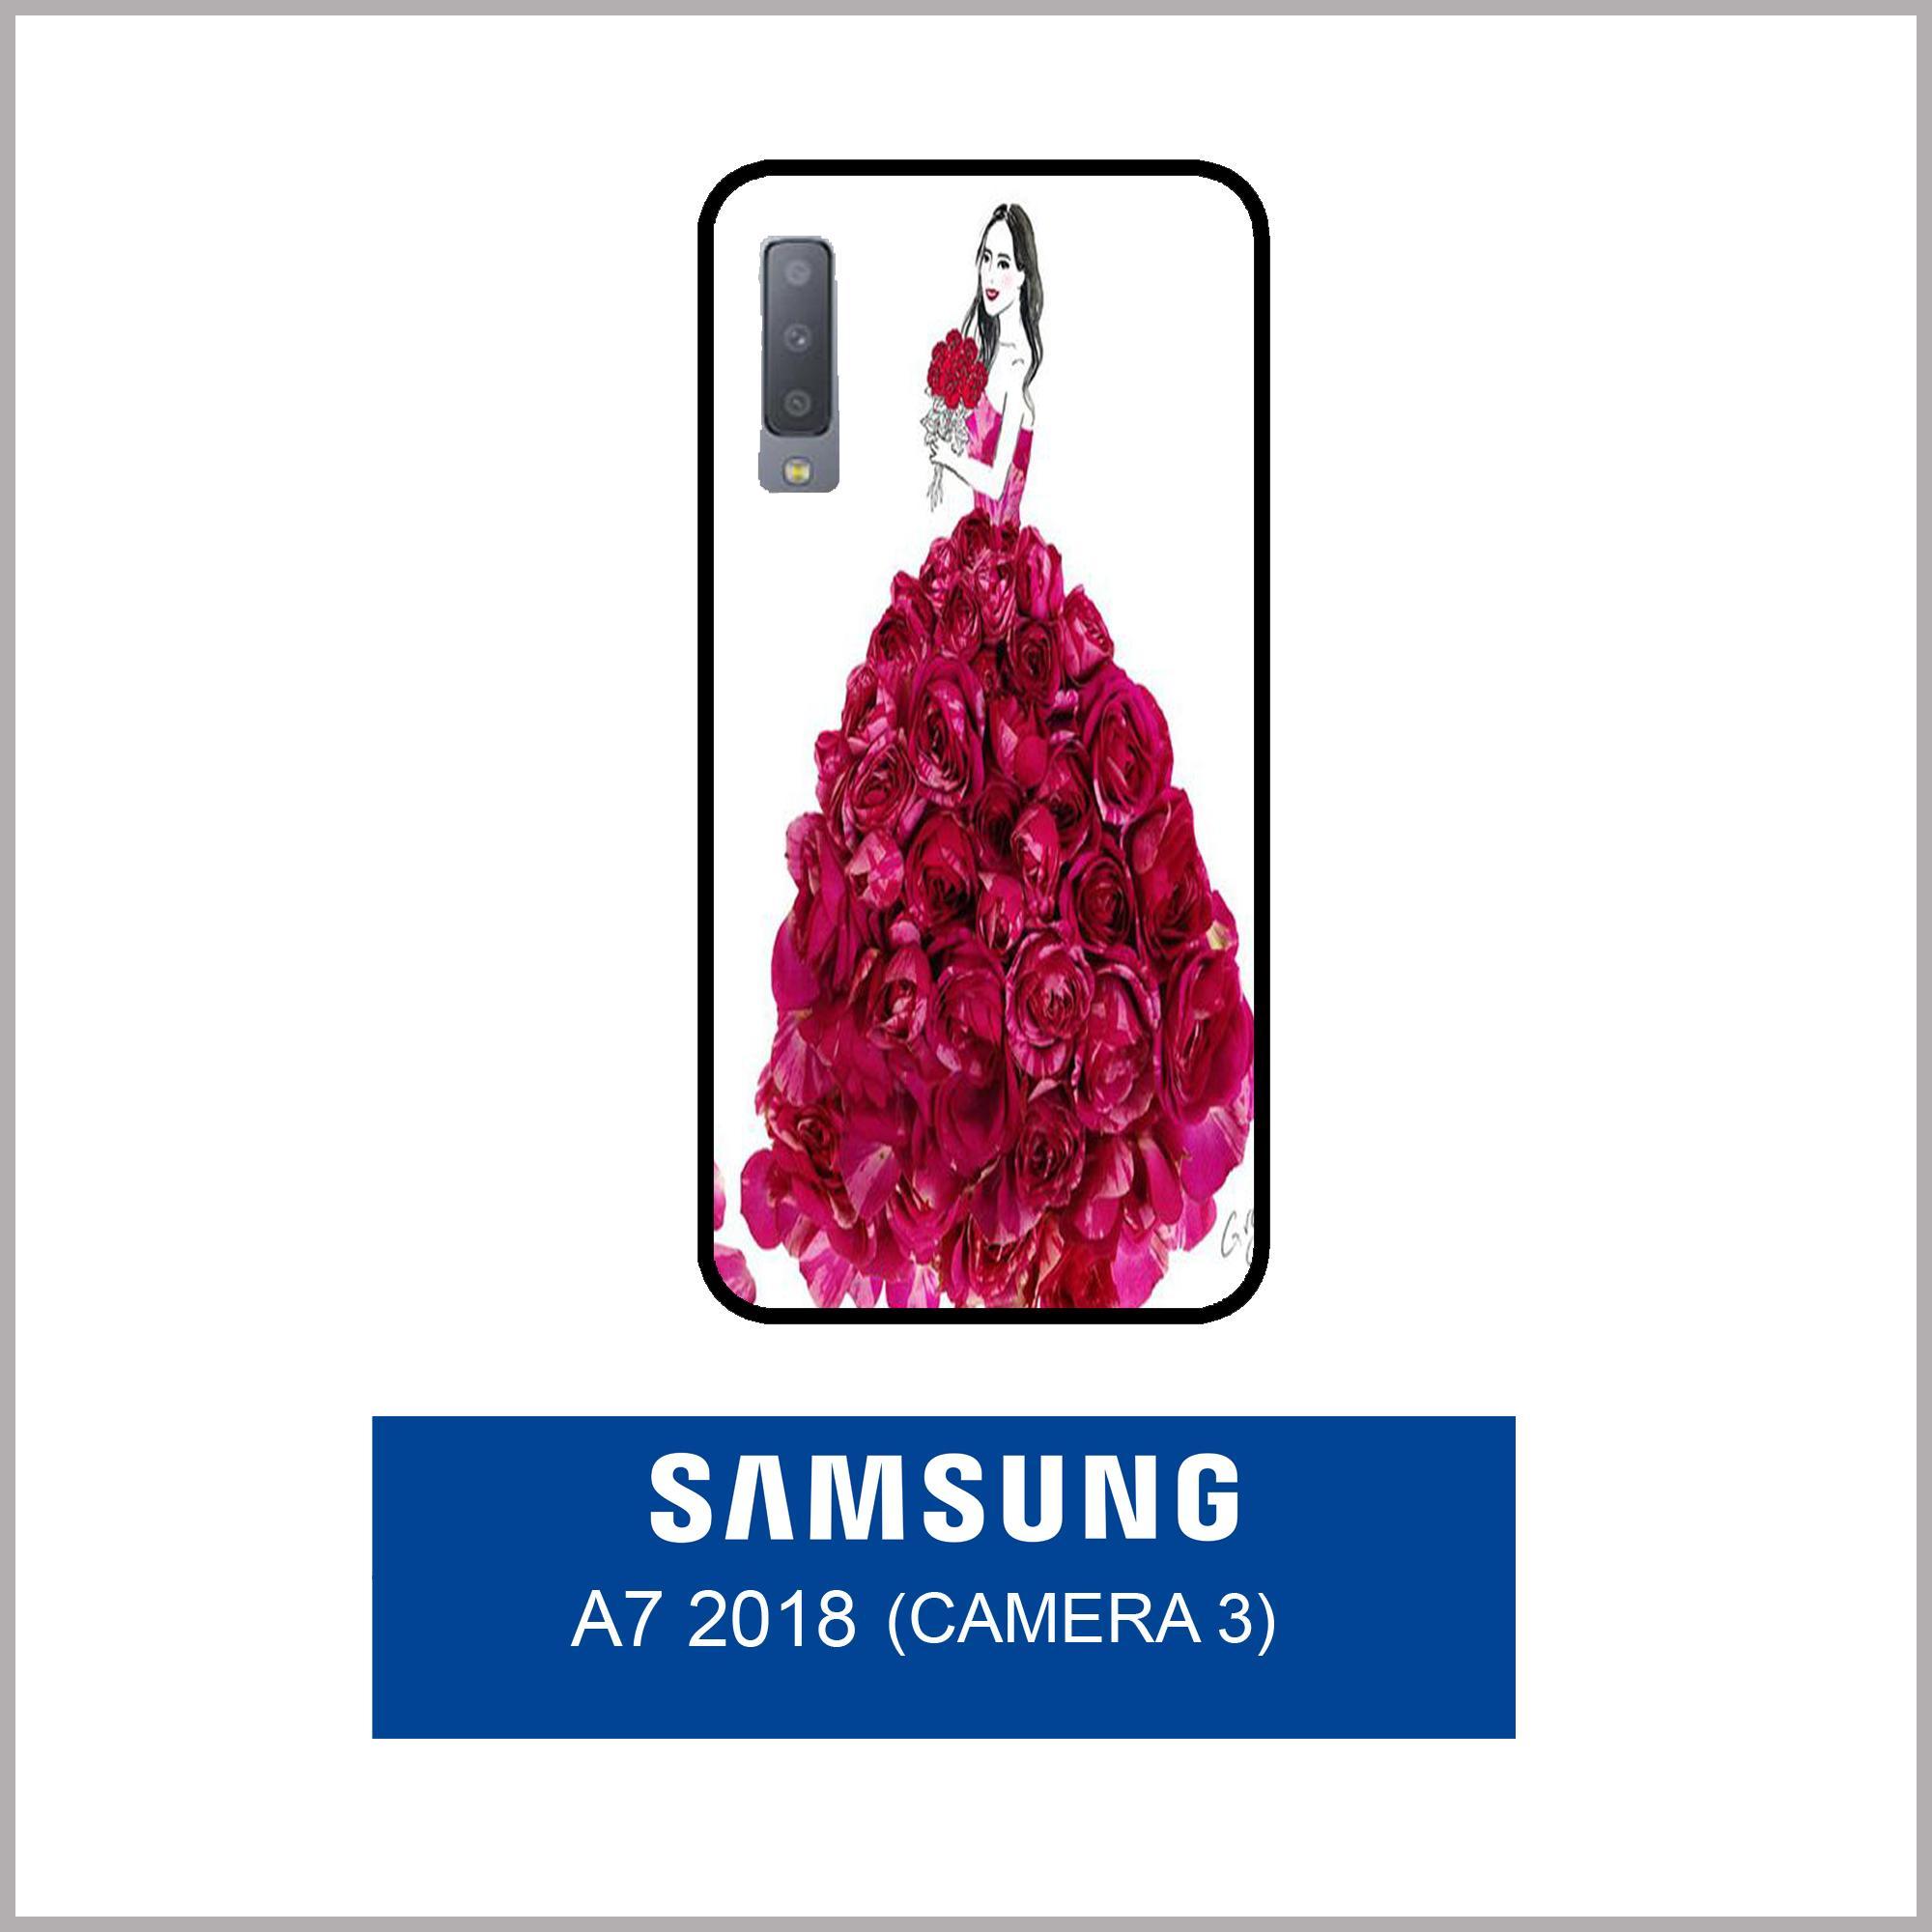 Case Fashion Printing For Samsung Galaxy A7 2018 (3 Camera) - 17